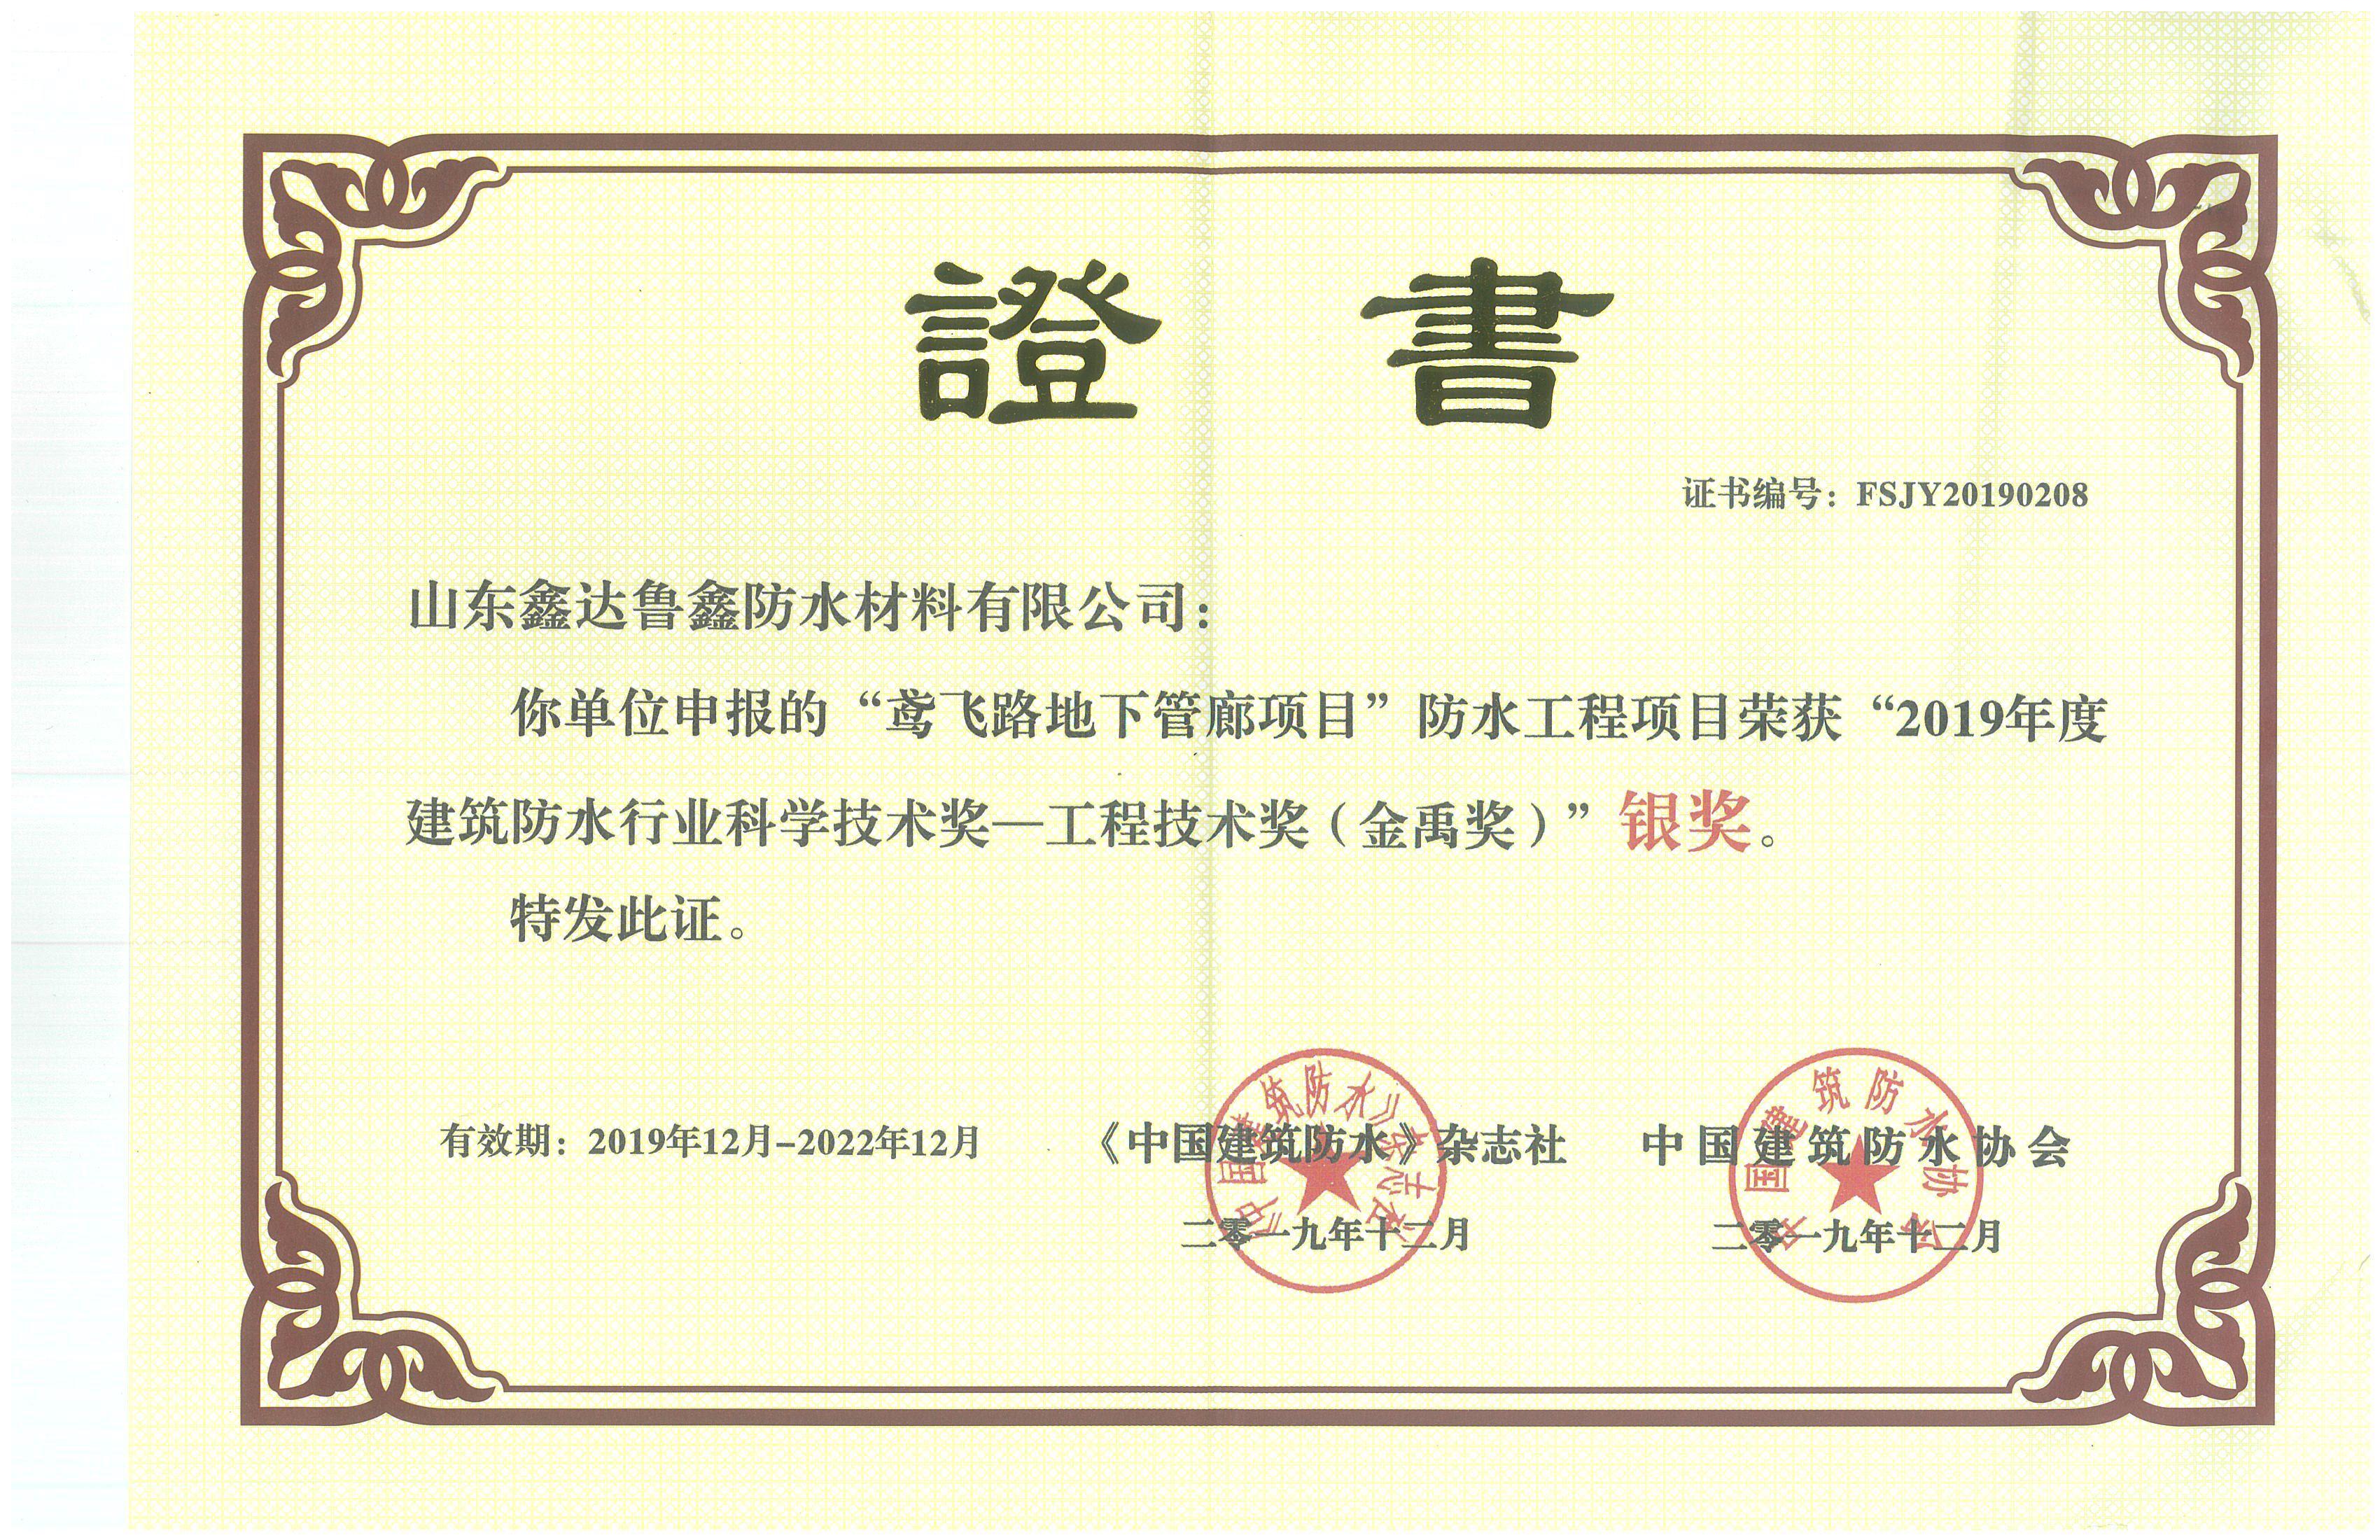 2019年建筑防水行业科学技术奖——工程技术奖